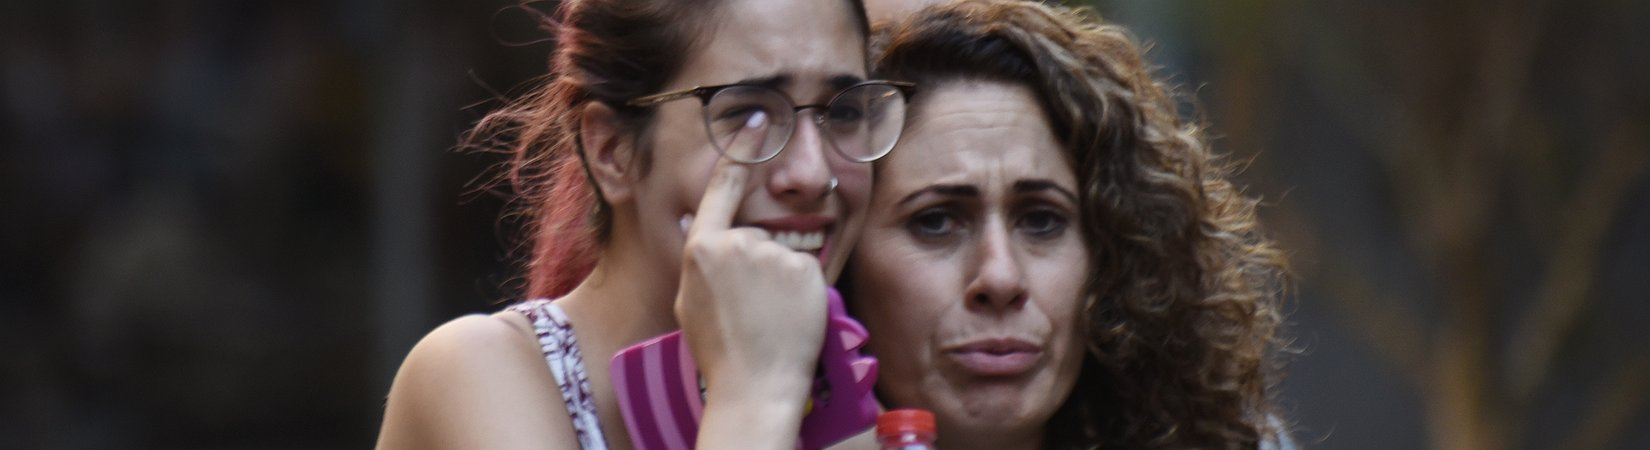 Doppio attentato terroristico a Barcellona